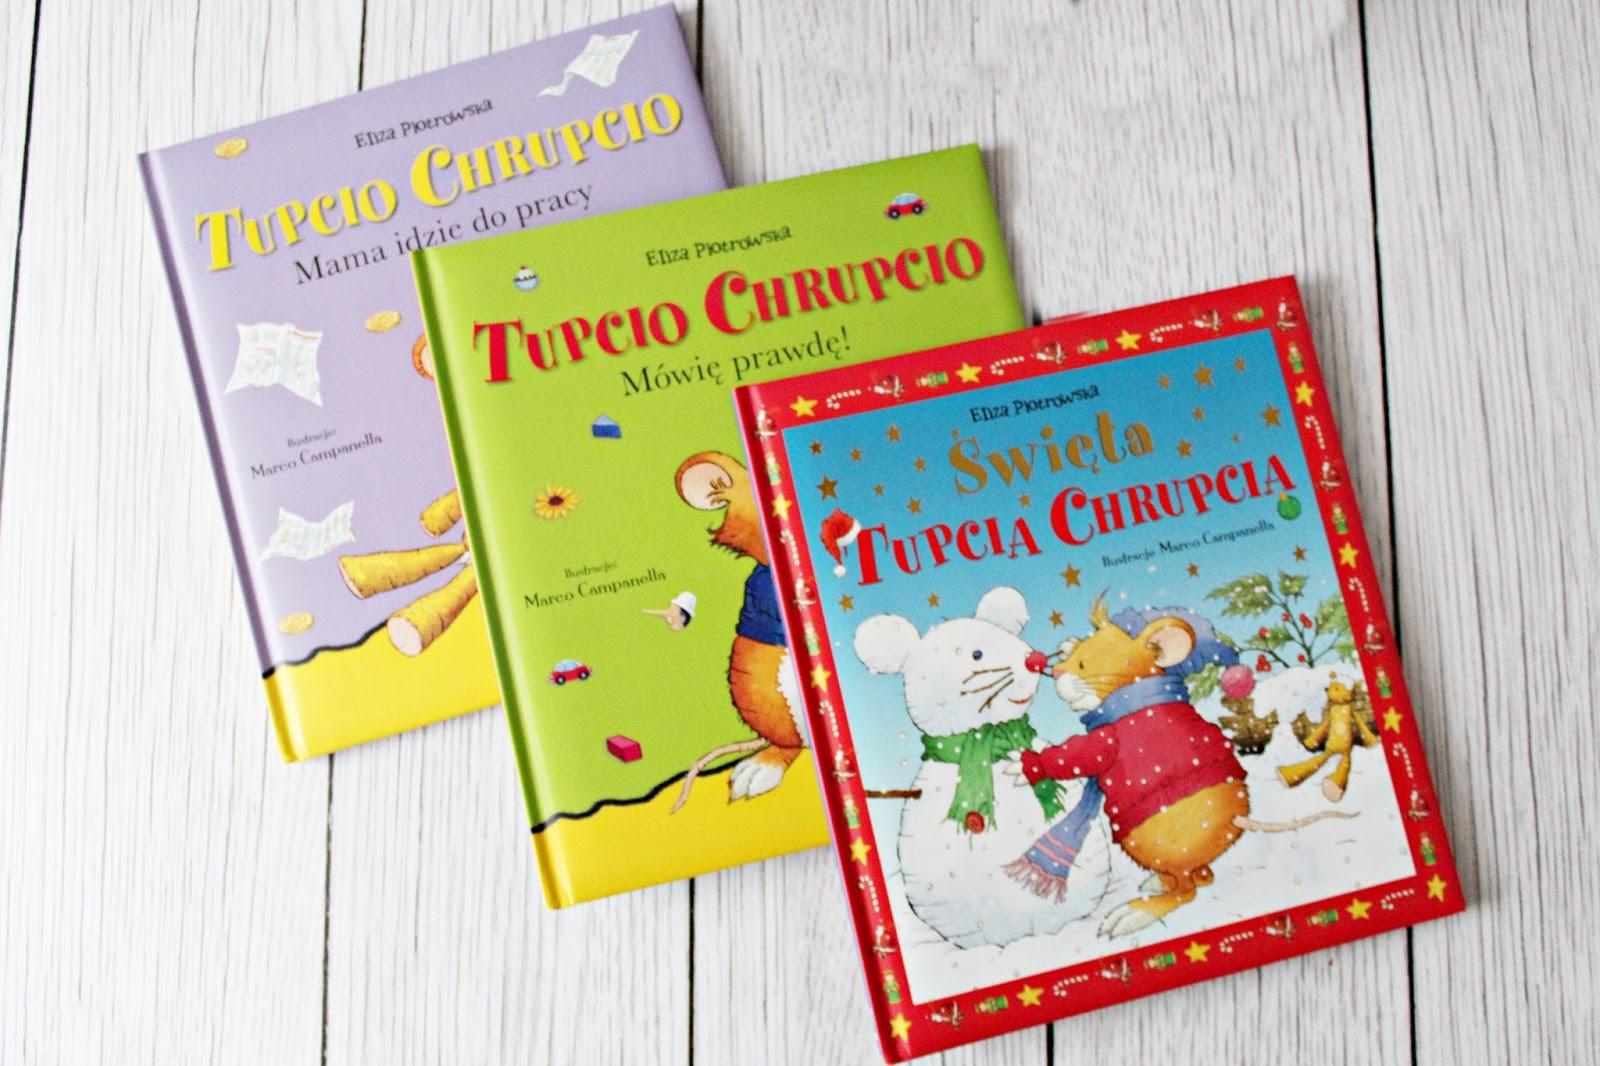 Z biblioteczki najmłodszych - TUPCIO CHRUPCIO - Wydawnictwo Wilga